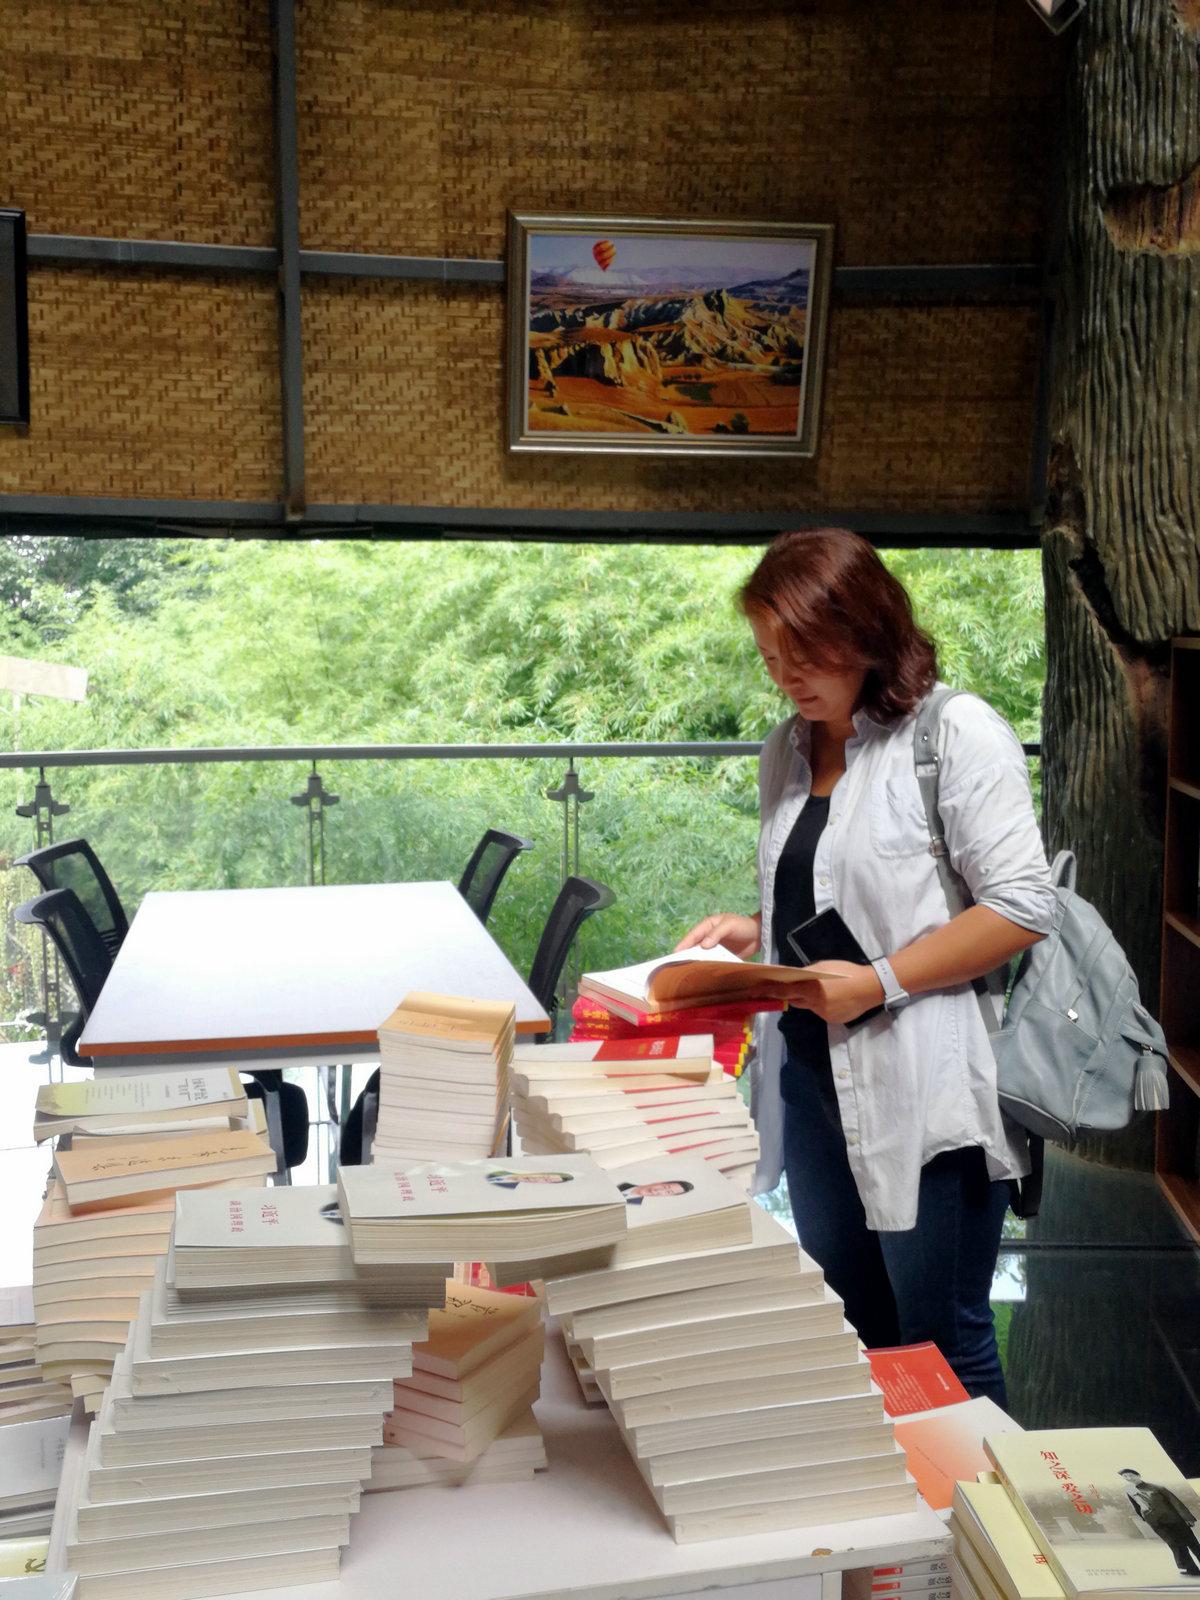 讀者在新知選購圖書。